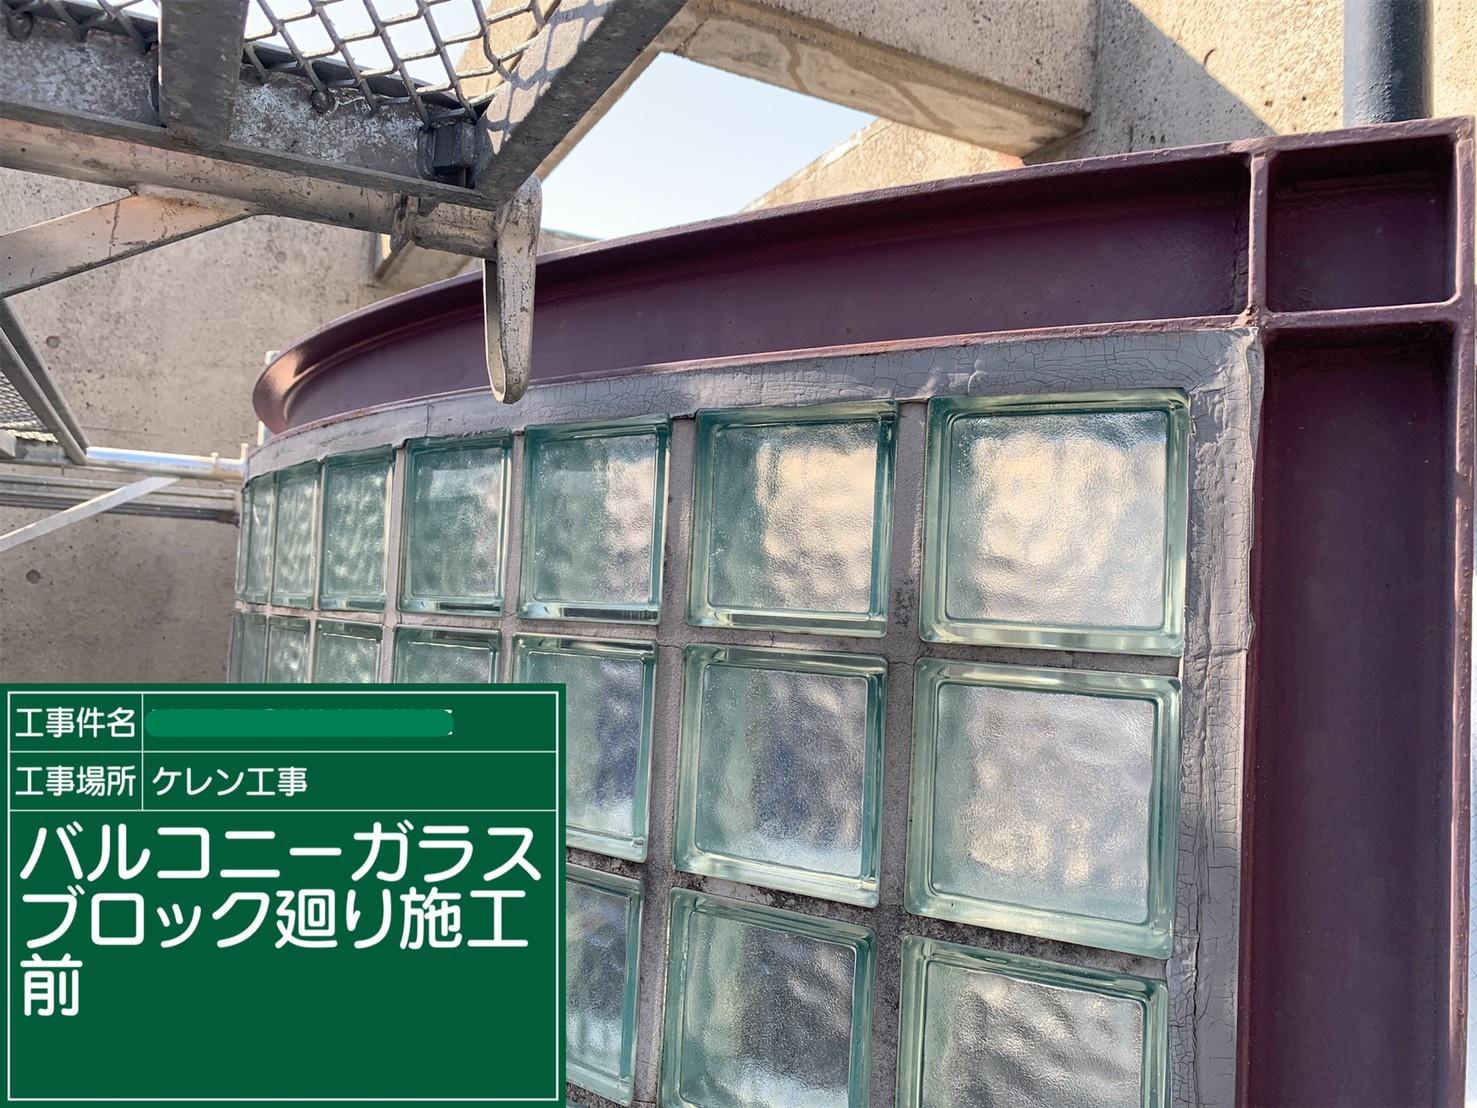 【バルコニーガラスブロック廻り】①施工前